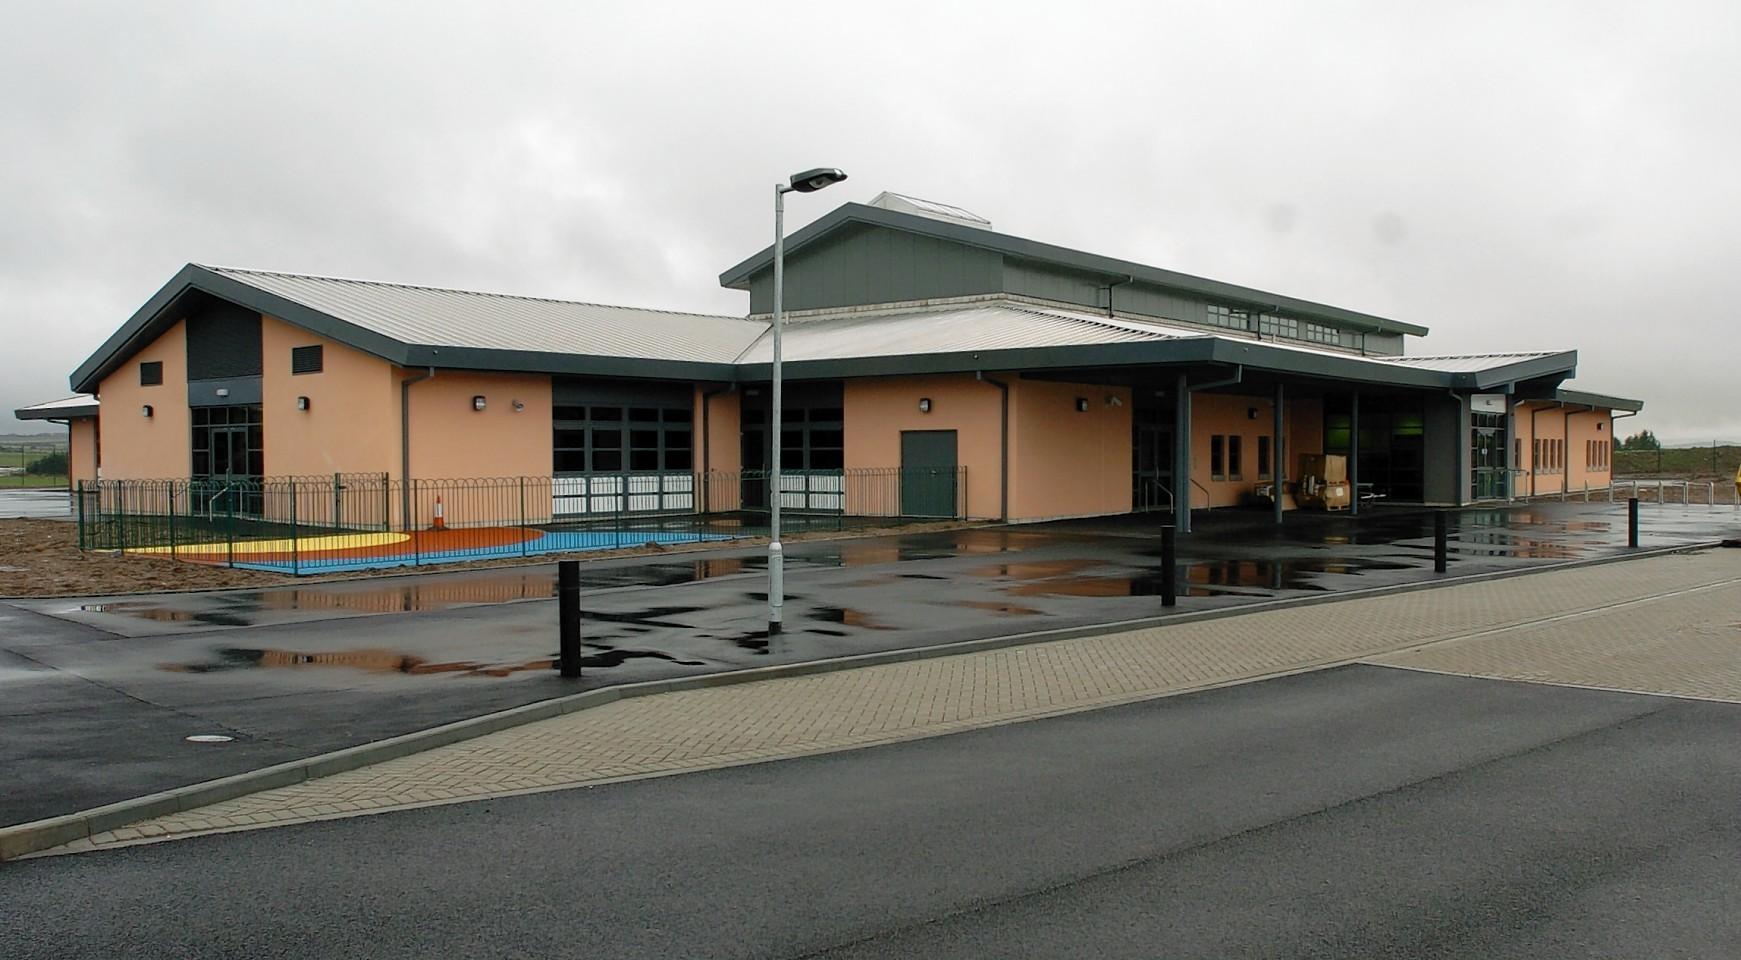 Lairhillock Primary School